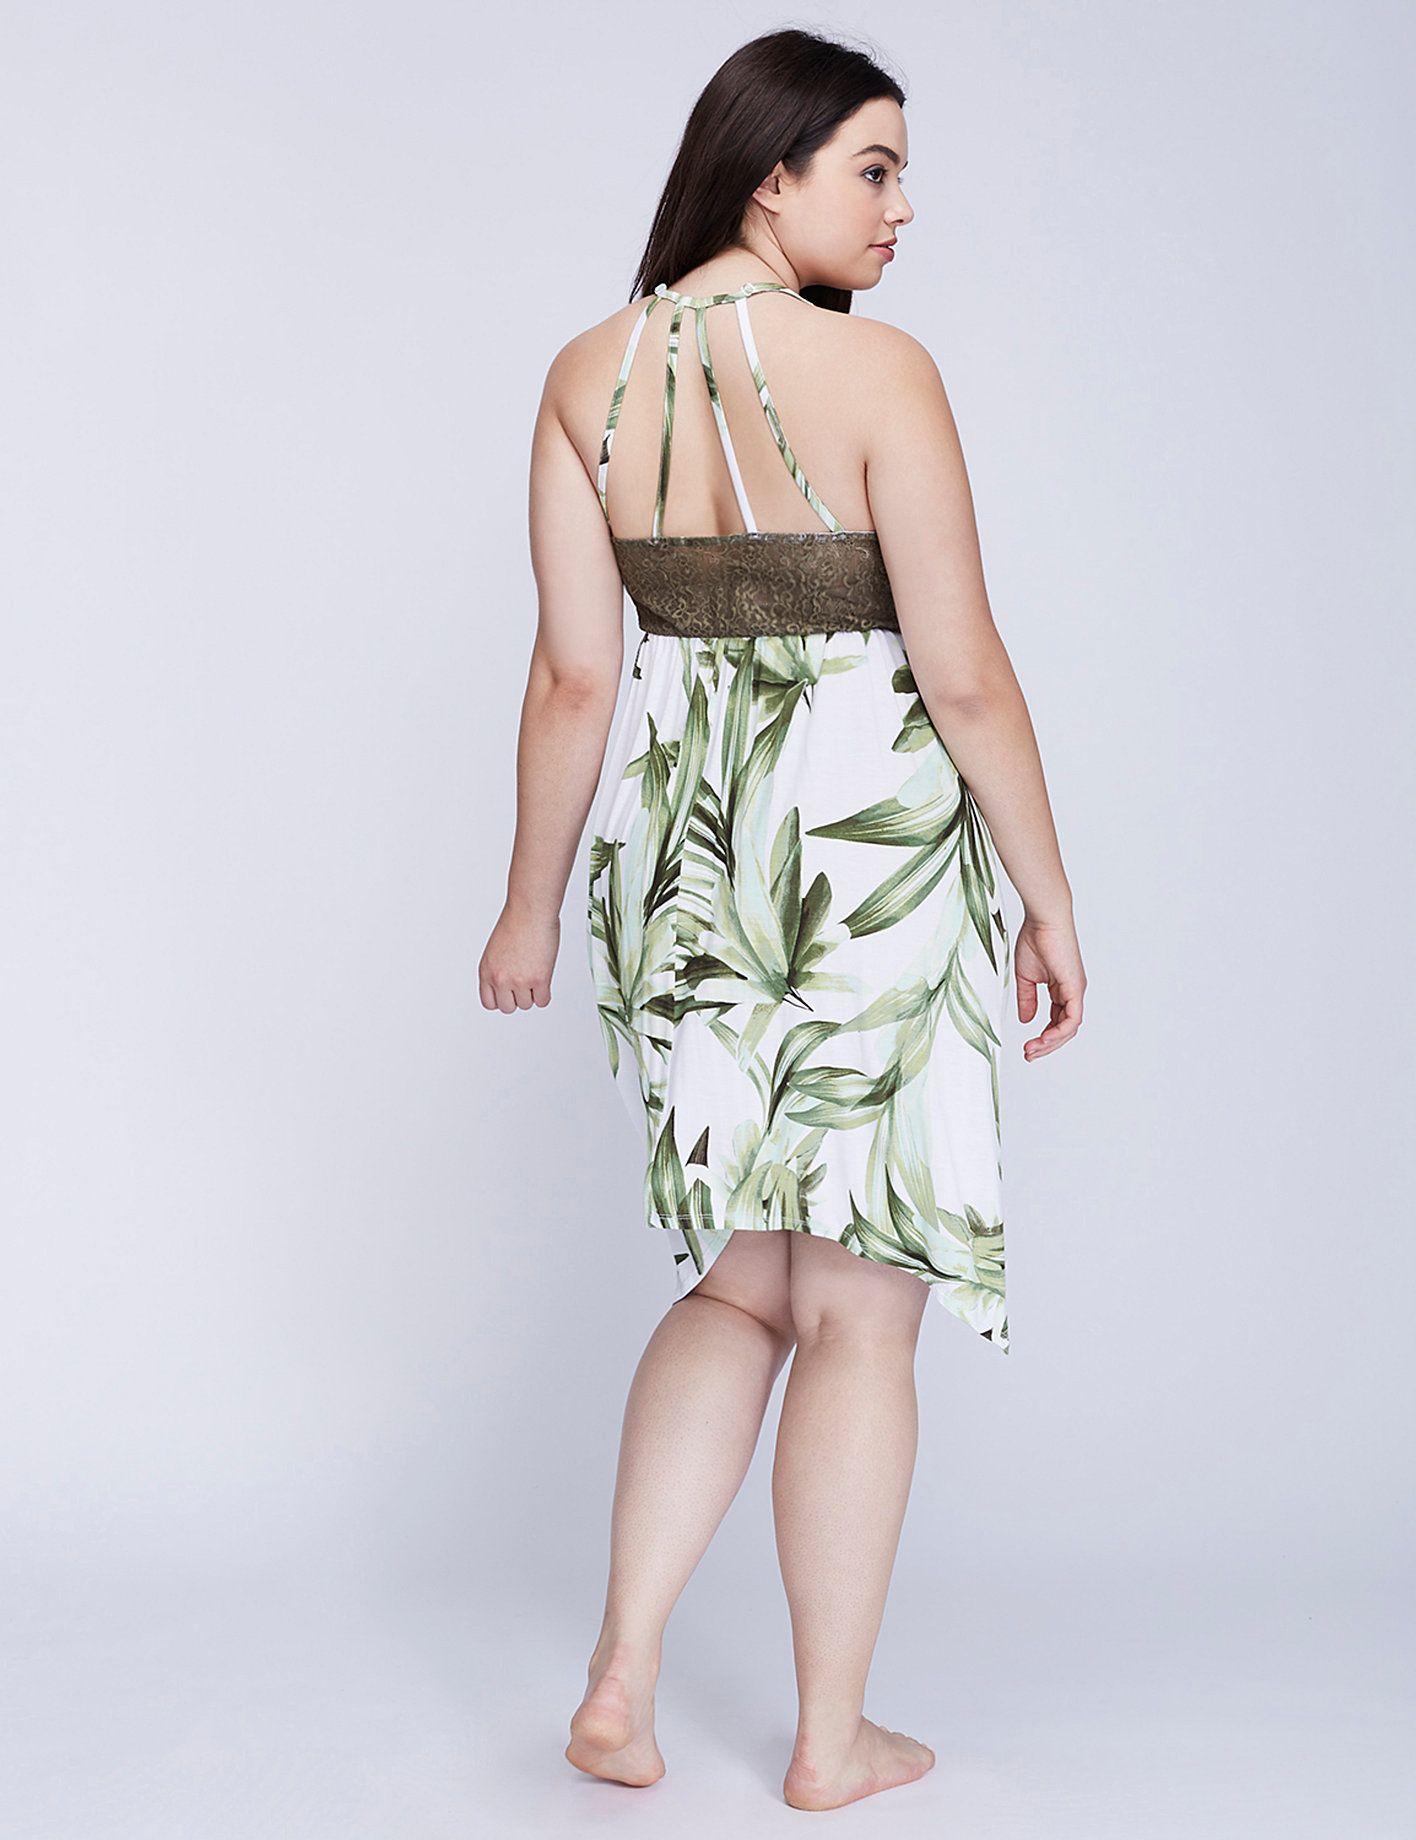 Clearance Plus Size Lingerie | Bras & Panties Sale | Lane Bryant ...